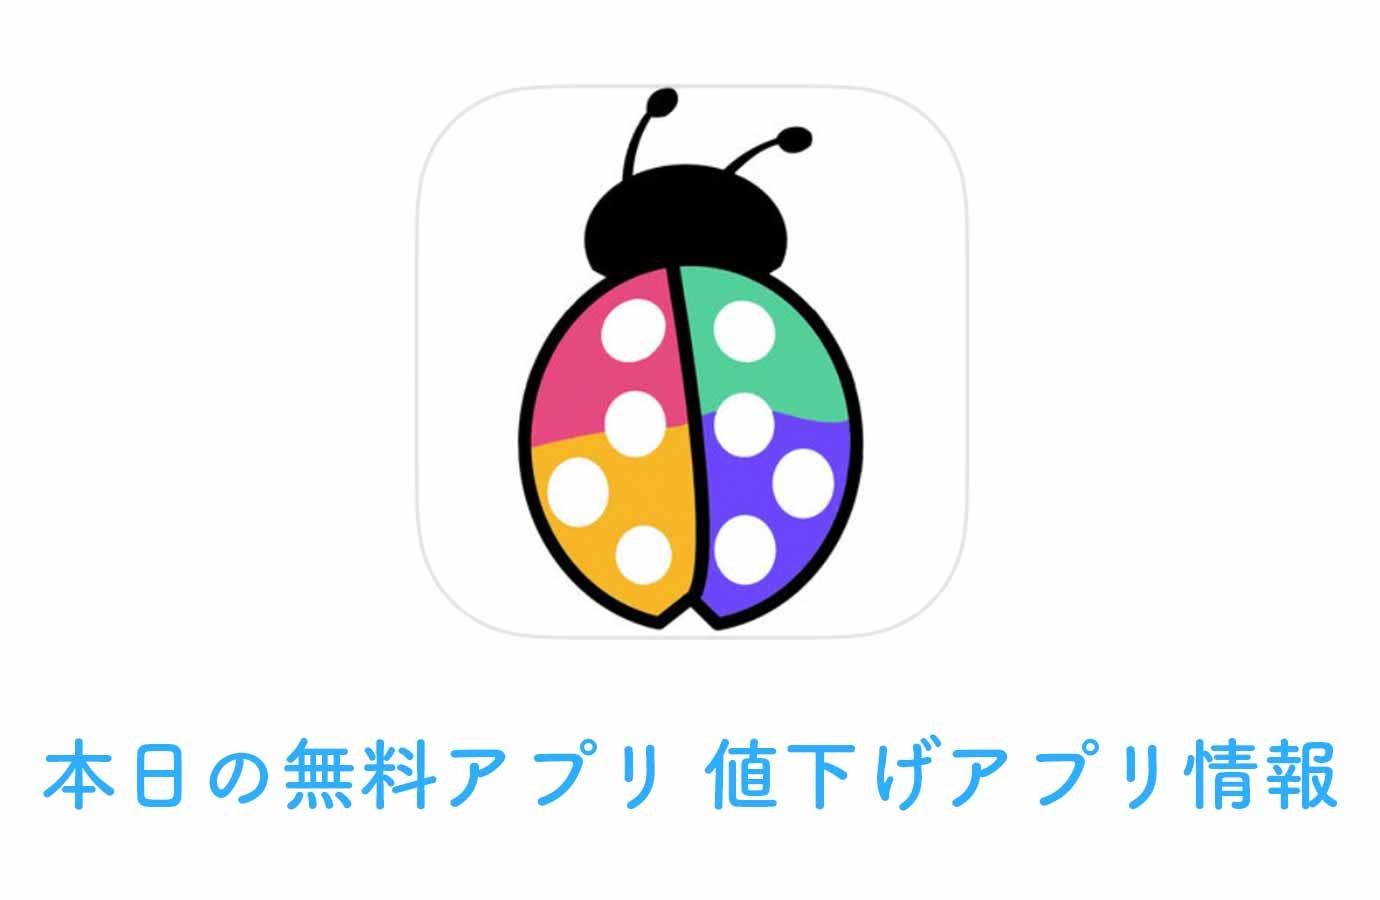 120円→無料!ボケを利用して写真を幻想的に加工できる「Speckle」など【1/21】本日の無料アプリ、値下げアプリ情報